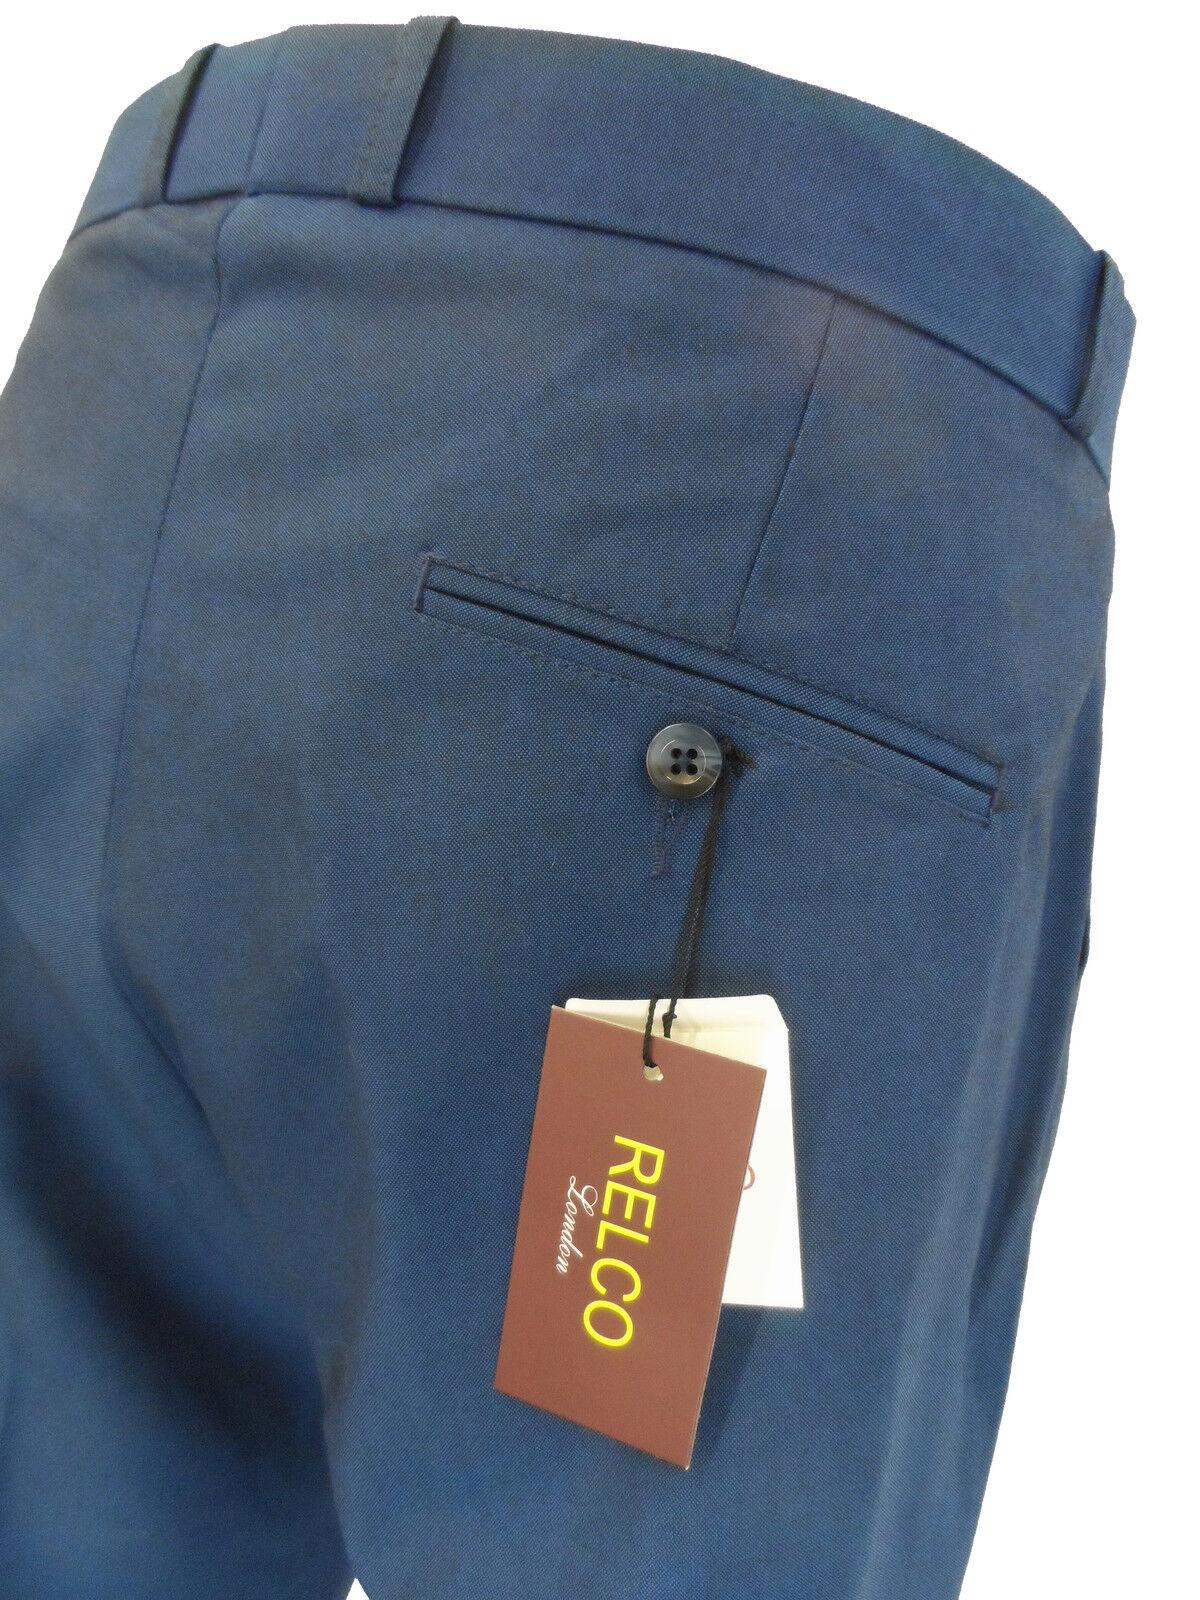 Herren Tonic Blau Blau Blau   Schwarz 60s Jahre 70s Retro-Modern Vintage Sta-Presse Hosen | Moderne und elegante Mode  | Sofortige Lieferung  | Verschiedene aktuelle Designs  | Lebhaft und liebenswert  | Neueste Technologie  4af85e